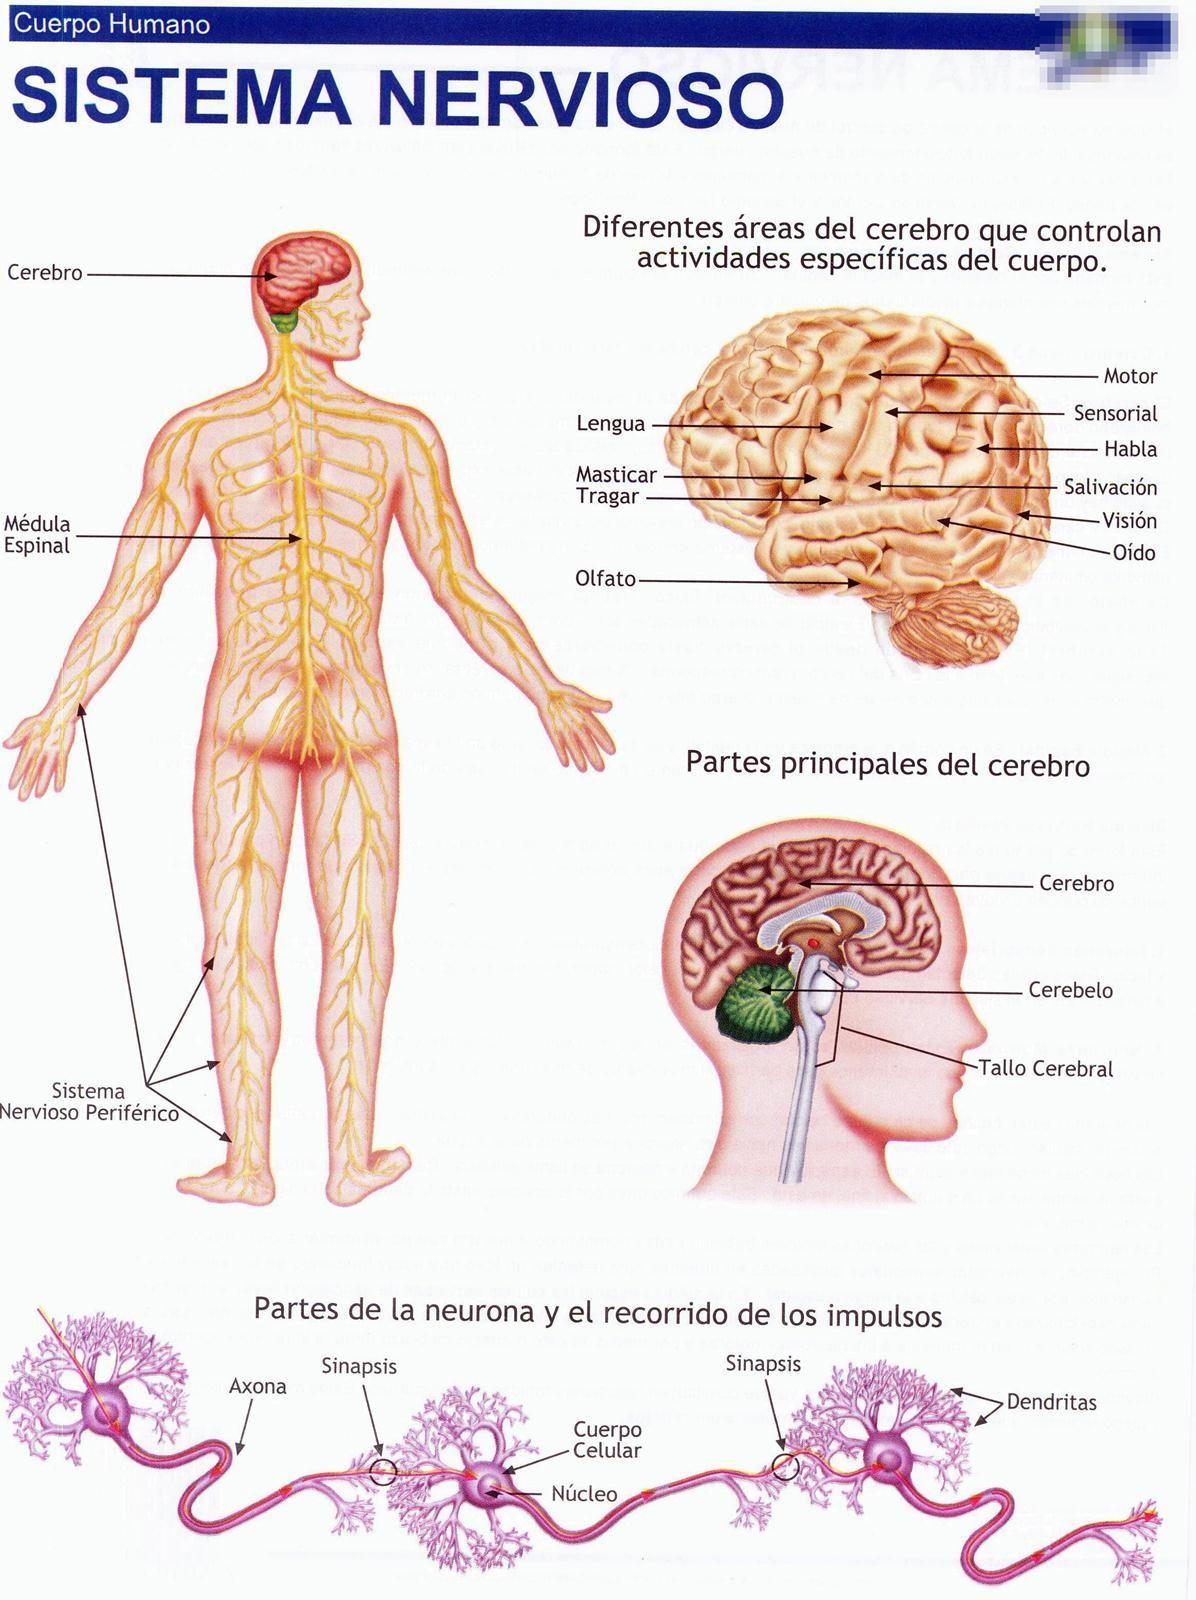 45 imagenes a todo color para recortes | Sistema nervioso, Laminas y ...